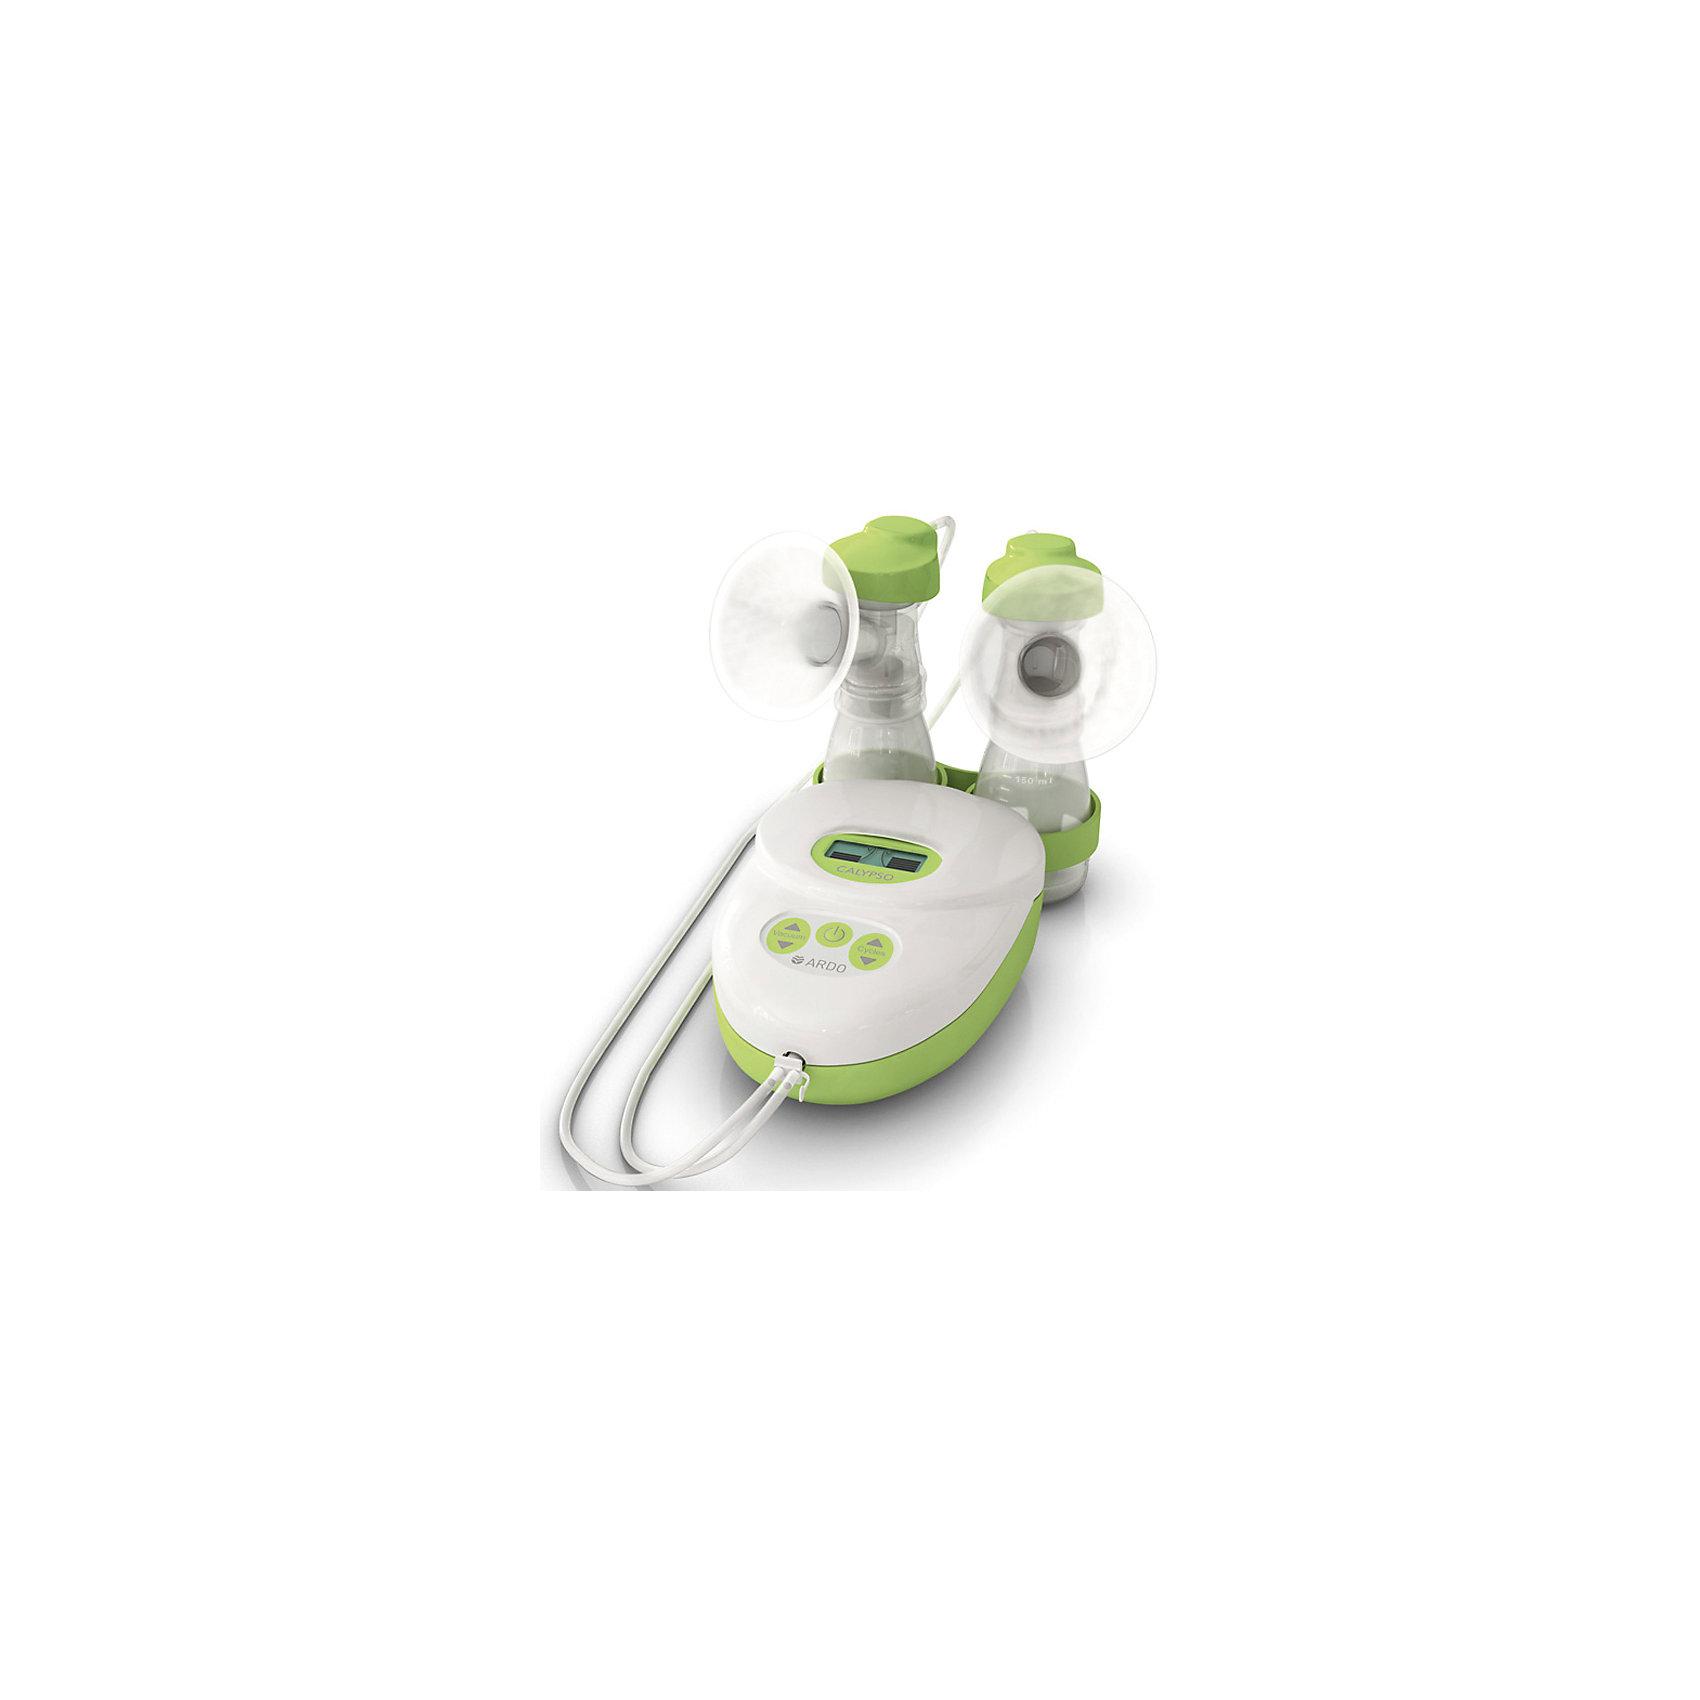 Электрический молокоотсос CALYPSO DOUBLE PLUS, ARDOДетская бытовая техника<br>Электрический молокоотсос CALYPSO DOUBLE PLUS, ARDO (АРДО).<br><br>Характеристики:<br><br>- Комплектация: молокоотсос, 2 набора для сцеживания с воронкой 26 мм, 2 массажные насадки Optiflow, 2 дополнительные воронки 31 мм, 2 дополнительные воронки 28 мм, подставка под наборы для сцеживания, ершик для мытья, блок питания<br>- Работает как от сети, так и от батареек<br>- Батарейки: 6 типа АА<br>- Уникальная гарантия на 400 часов непрерывной работы<br>- Материал: пластик<br>- Не содержит Бисфенол-А<br>- Размер насоса: 190 x 130 x 76 мм.<br>- Размер сетевого адаптера: 100 x 60 x 90 мм.<br>- Вес насоса: 0,545 кг.<br>- Вес сетевого адаптера: 0,445 кг.<br><br>Электрический молокоотсос CALYPSO DOUBLE PLUS от компании ARDO (АРДО) – это самый тихий электрический молокоотсос. Он разработан специально для повседневного и частого использования и позволяет аккуратно сцеживать молоко из обеих грудей одновременно. Электрический молокоотсос CALYPSO DOUBLE PLUS – это единственный молокоотсос с 64 индивидуальными программами сцеживания (8 уровней по скорости сцеживания и 8 уровней по объему сцеживаемого молока). Мама сама подбирает тот режим сцеживания, который ей максимально комфортен, нажатием на кнопку электронного дисплея. Специальная массажная насадка сводит до минимума болевые ощущения, позволяет использовать щадящий режим сцеживания, сопровождающийся массажем груди. Благодаря индивидуальным настройкам сцеживания, насадкам под разные формы и размеры груди, учитывающим потребности каждой мамы, процесс сцеживание молока станет приятным и эффективным. Абсолютно бесшумная работа молокоотсоса достигнута с помощью поршневого насоса. В отличие от роторного механизма, поршневой воспроизводит движения малыша, как при кормлении грудью. Теперь сцеживание максимально приближено к естественному кормлению грудью! Воронки для сцеживания имеют антибактериальный барьер VacuuSeal, и на 100% защищают грудное молоко от со